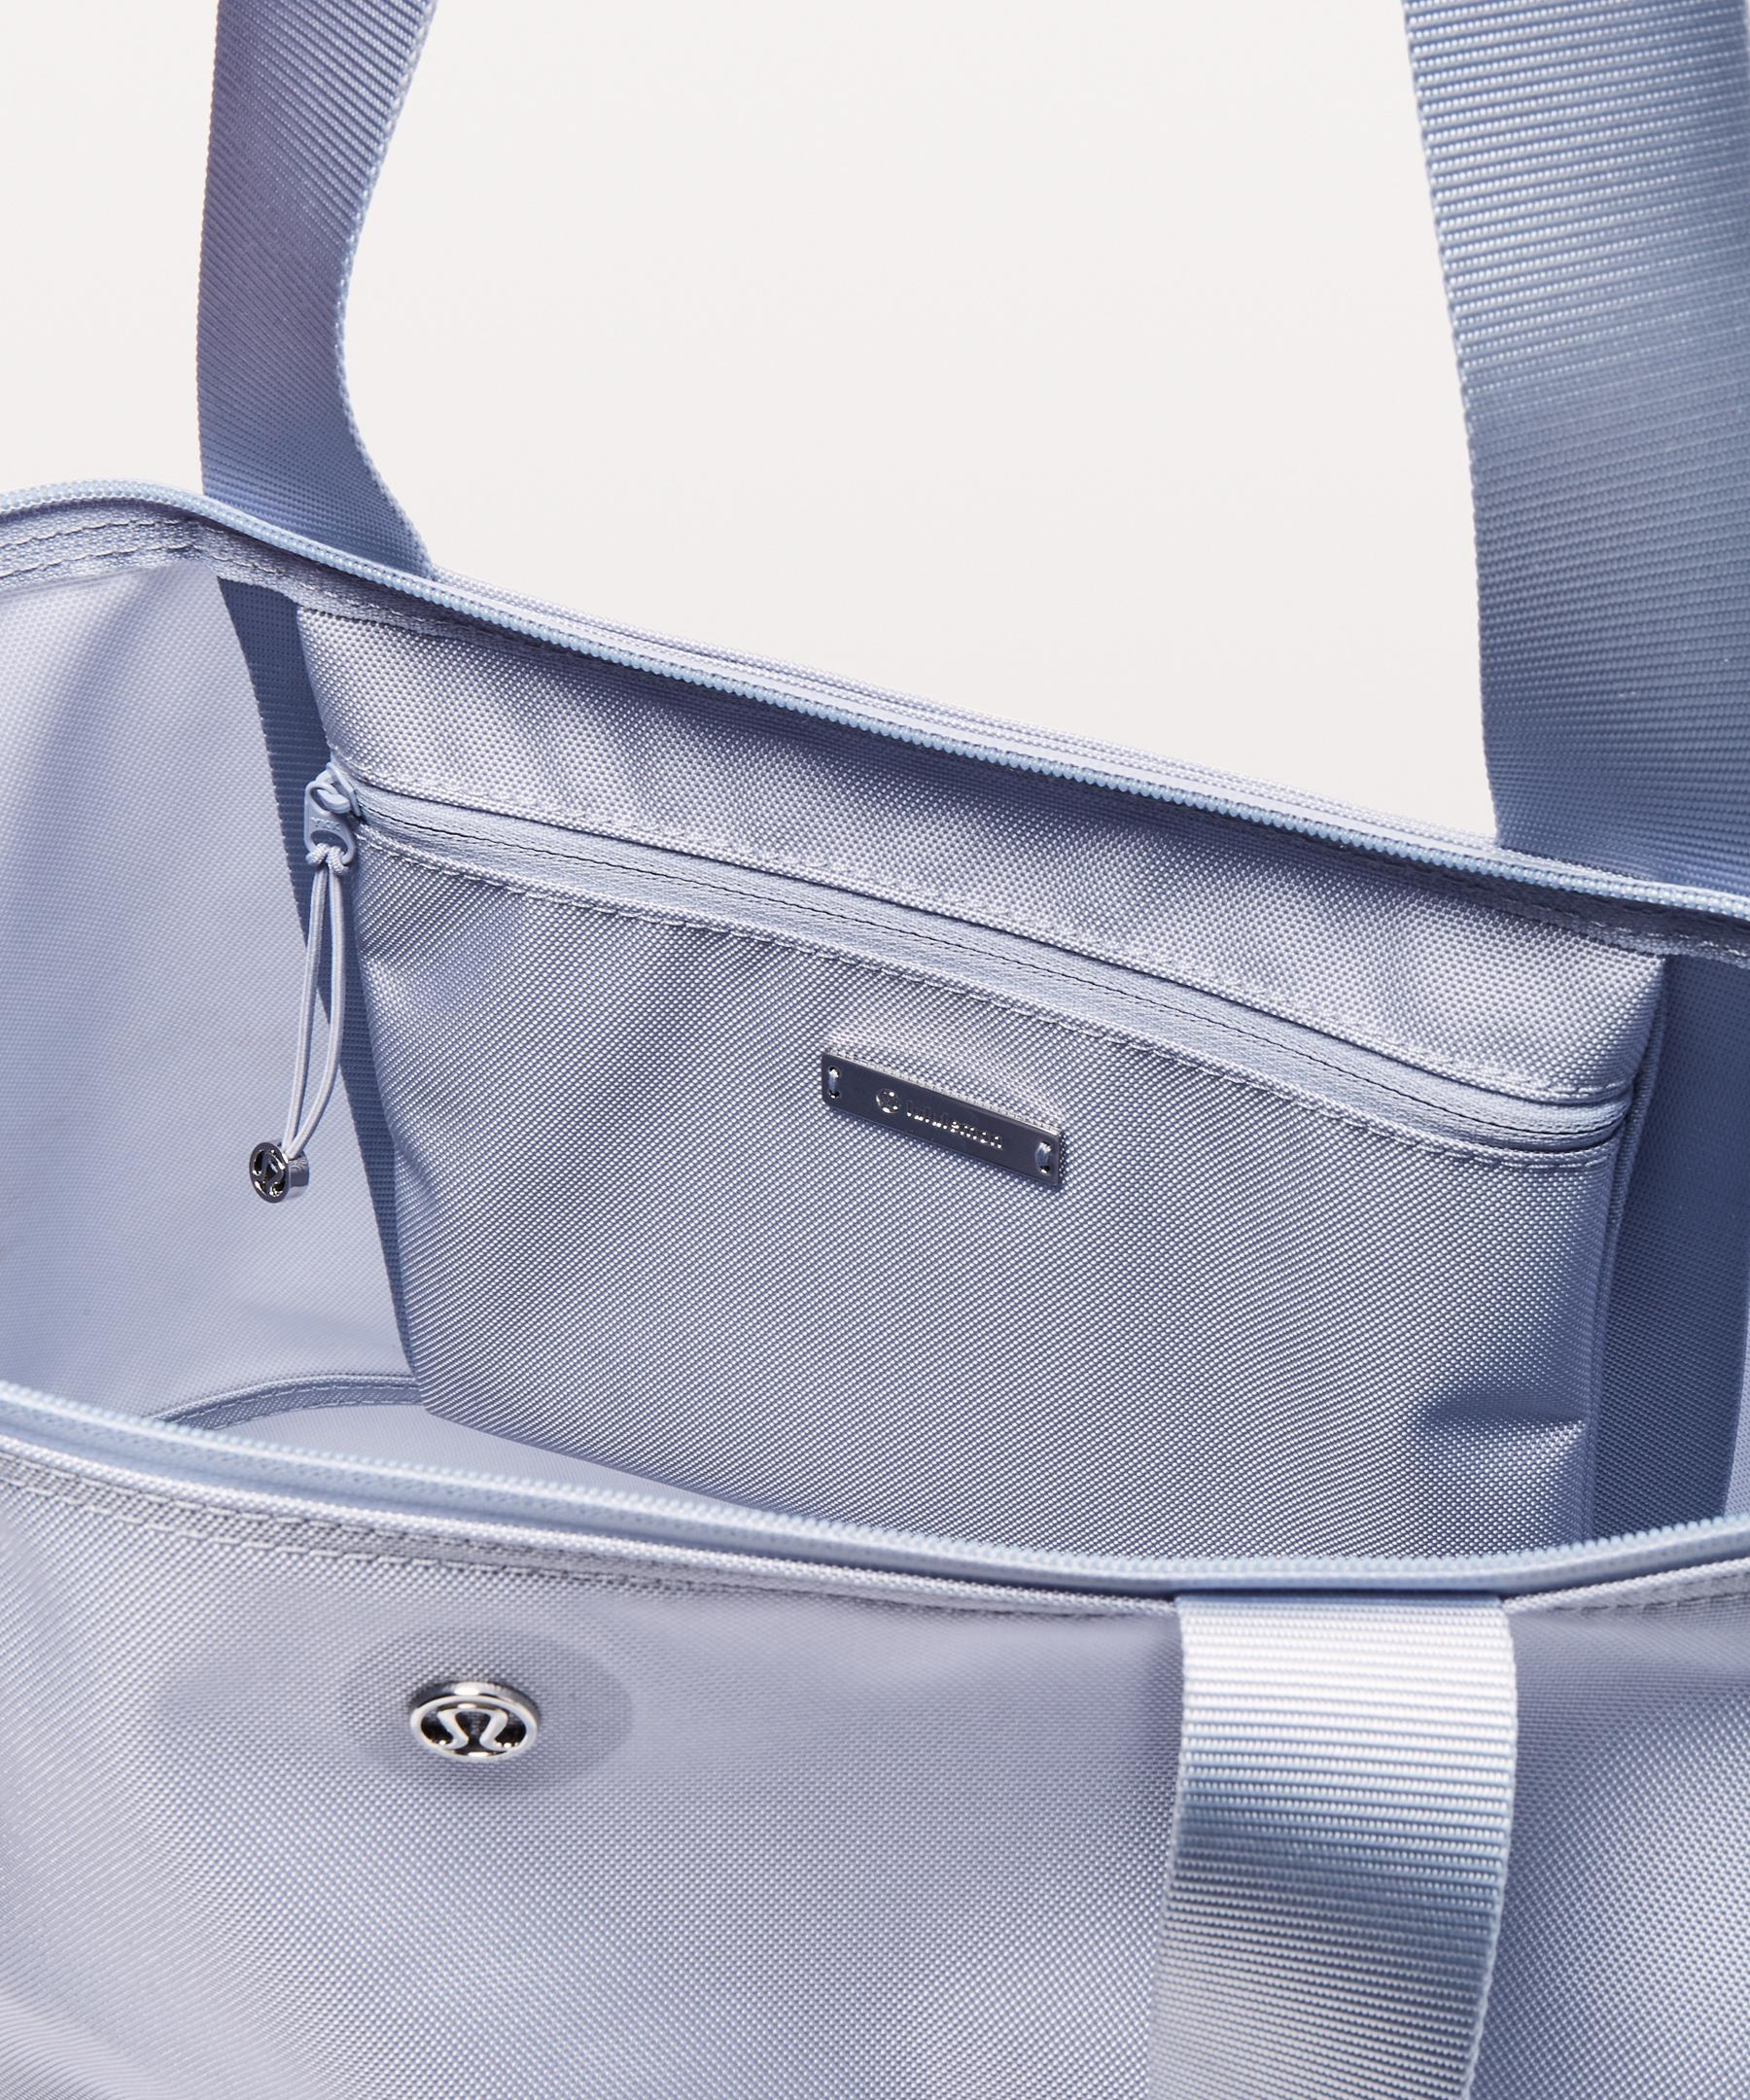 435196065339 Lululemon Athletica Essential Gym Bag